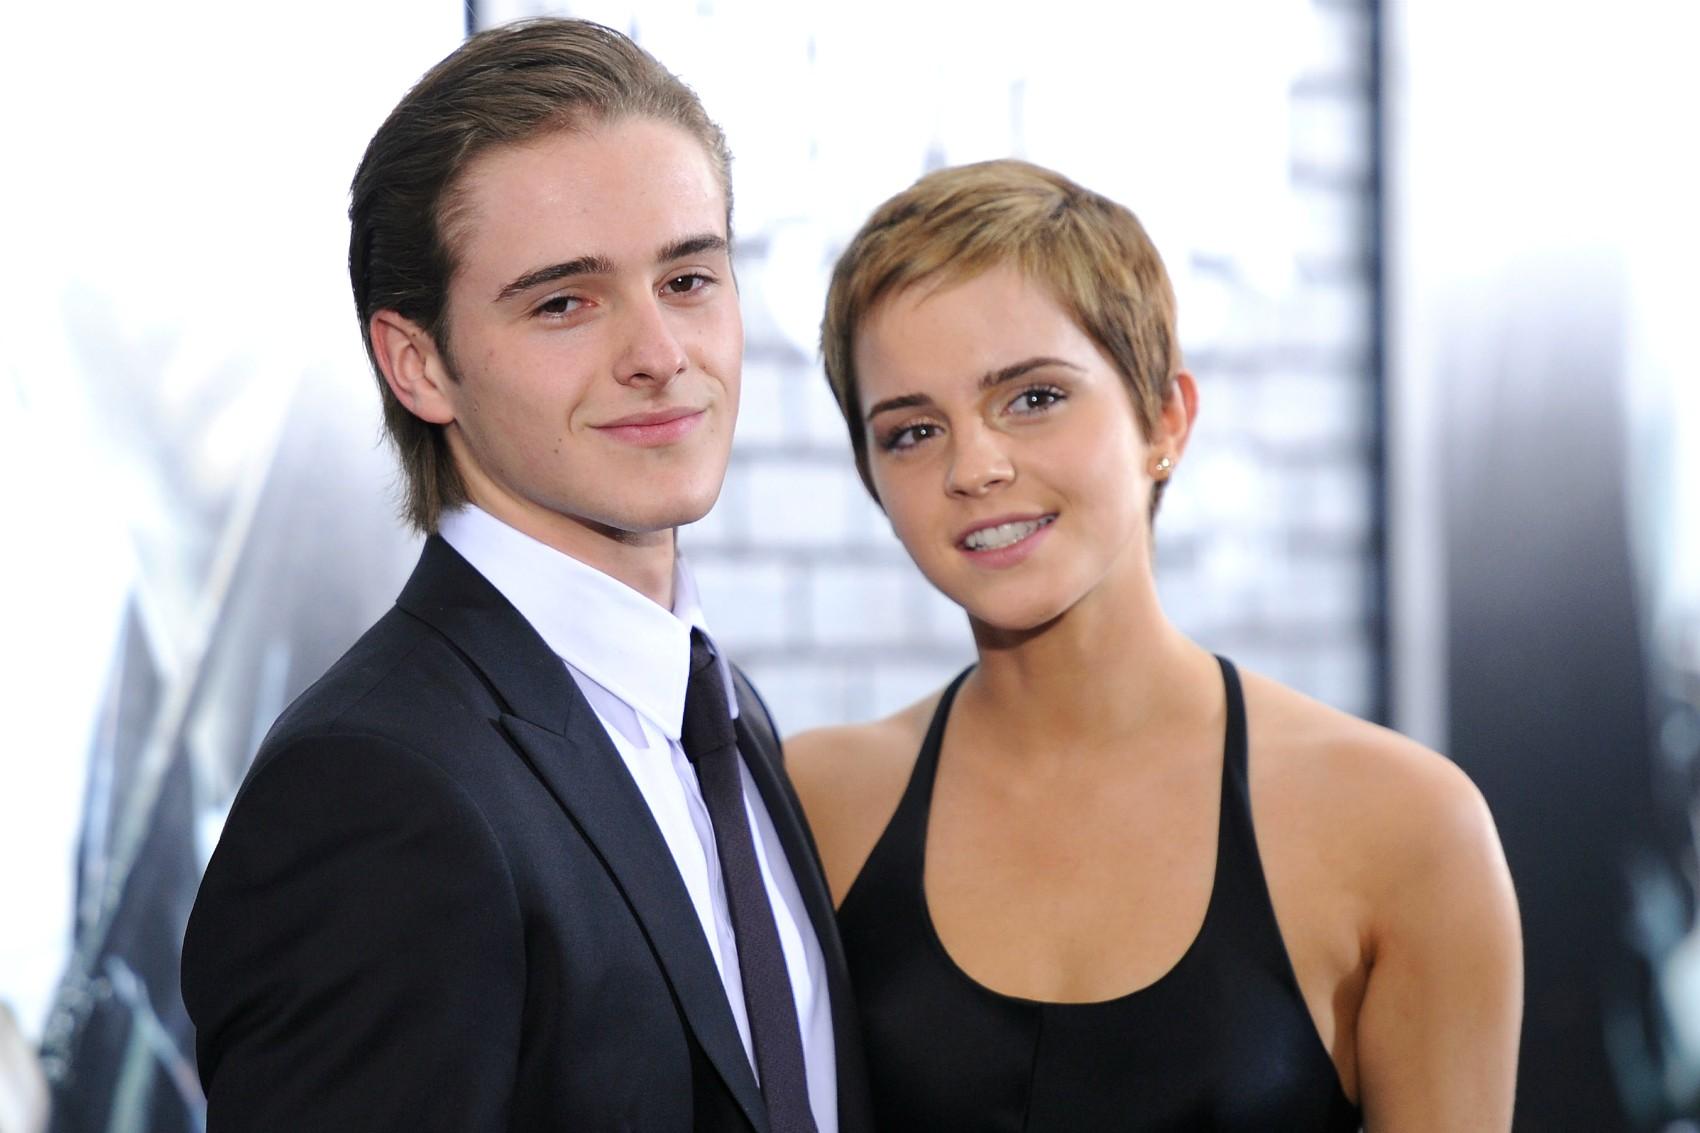 O irmão de Emma Watson é modelo! Ele tem 21 anos (três a menos que a irmã) e se chama Alex Watson. (Foto: Getty Images)